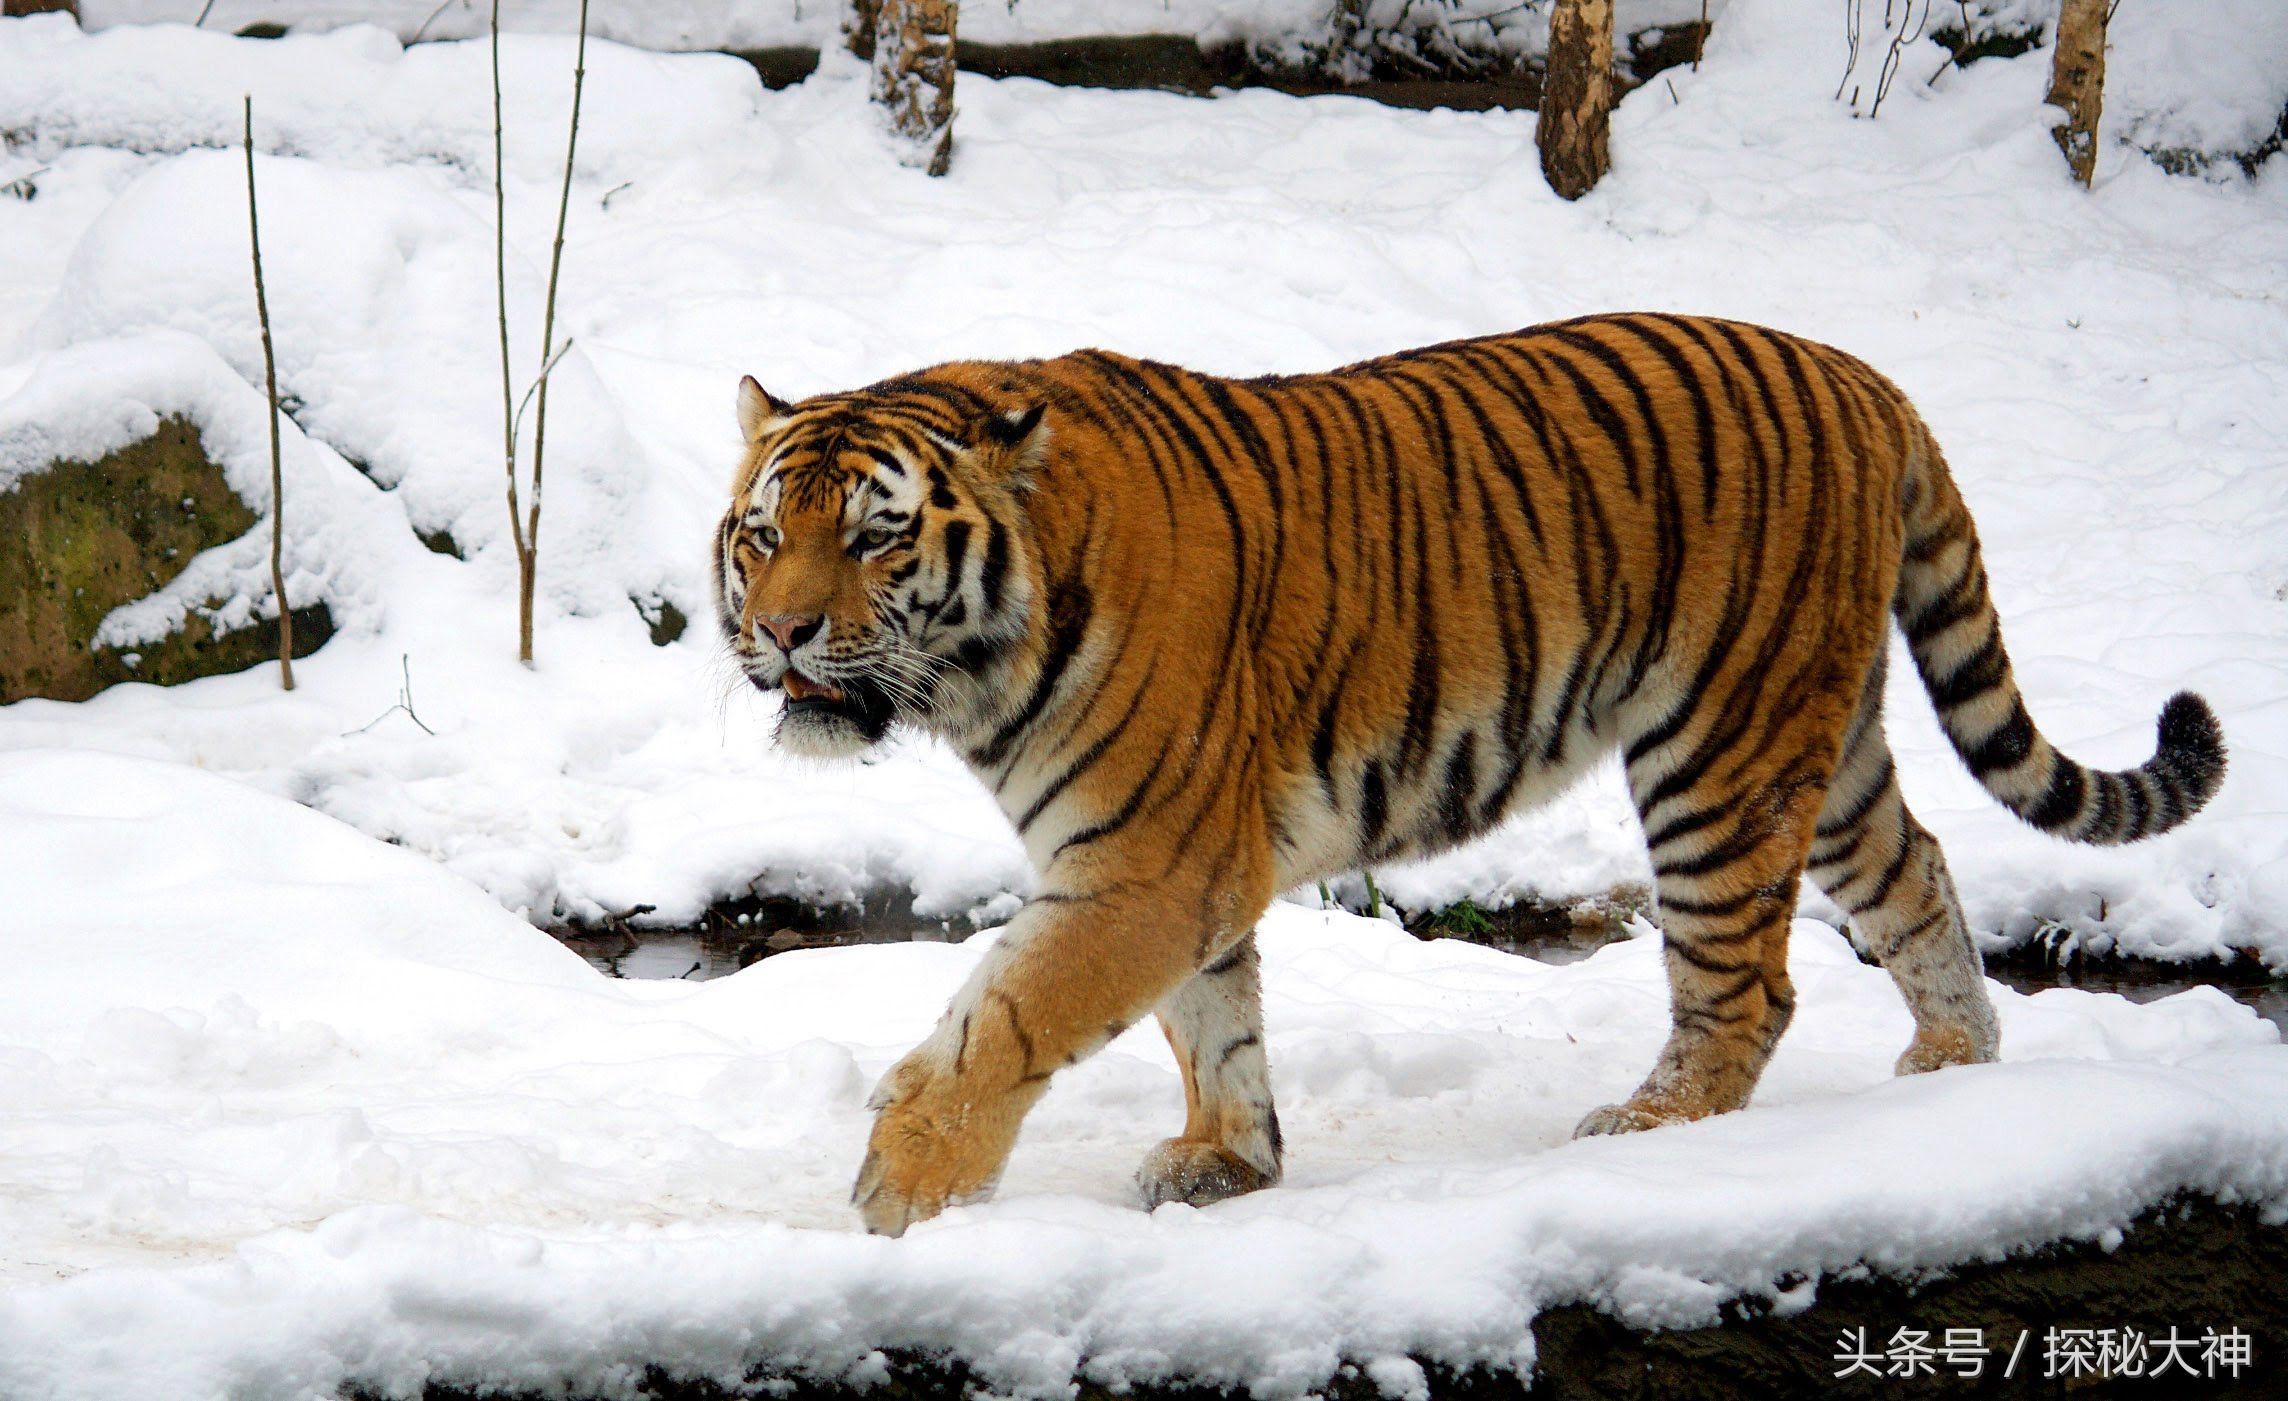 世界上体型最大的4种猫科动物,最大的肩高达到1.25米!